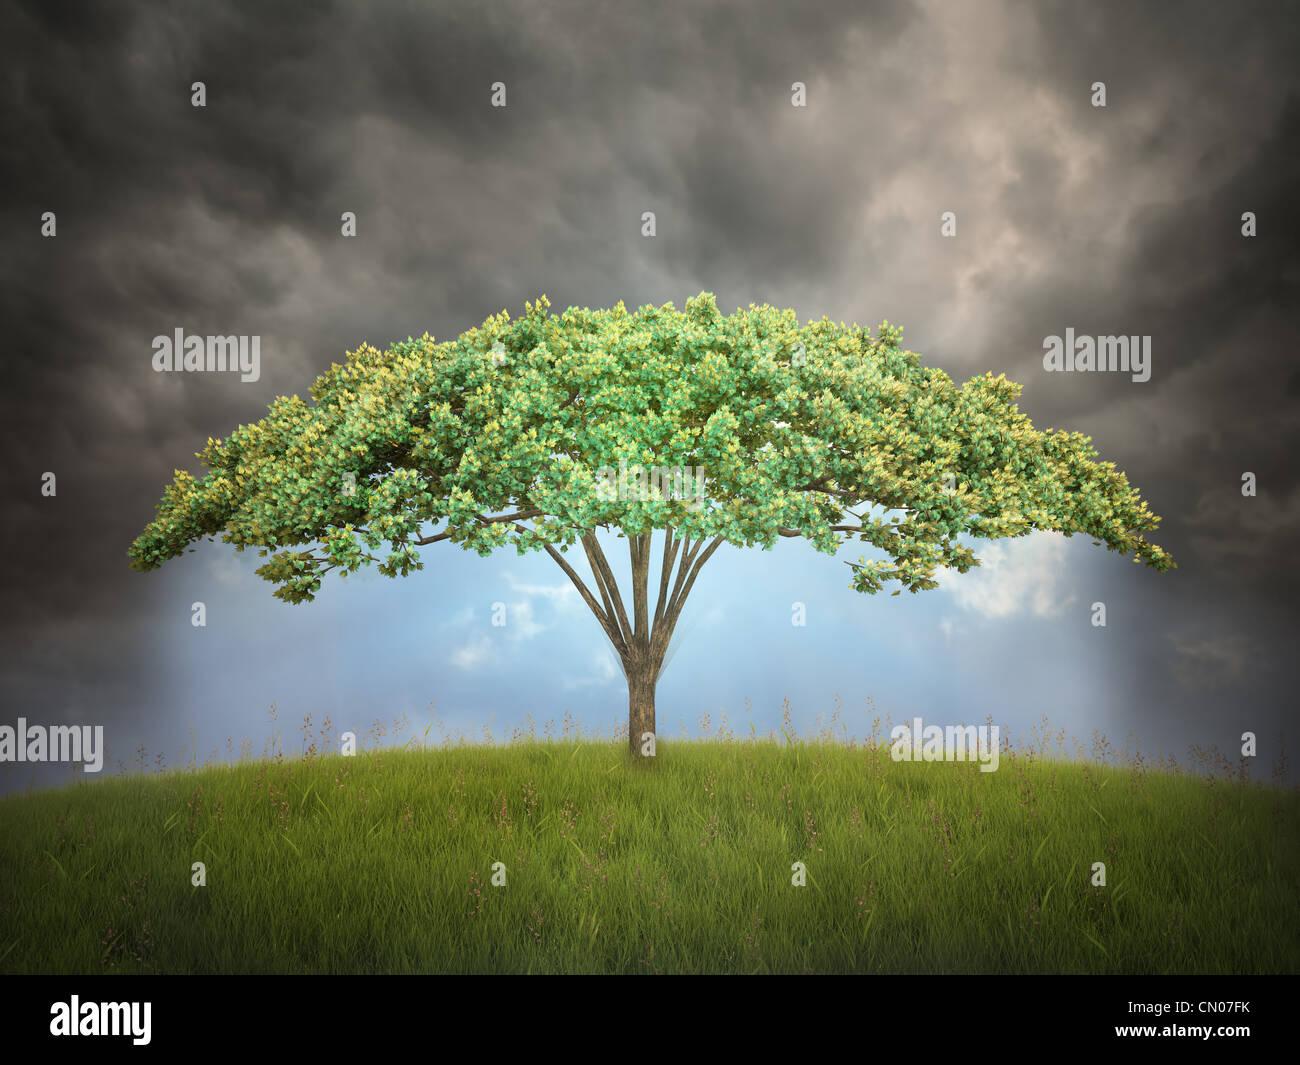 Regenschirm geformt Baum - Umweltschutz-Konzept Stockbild